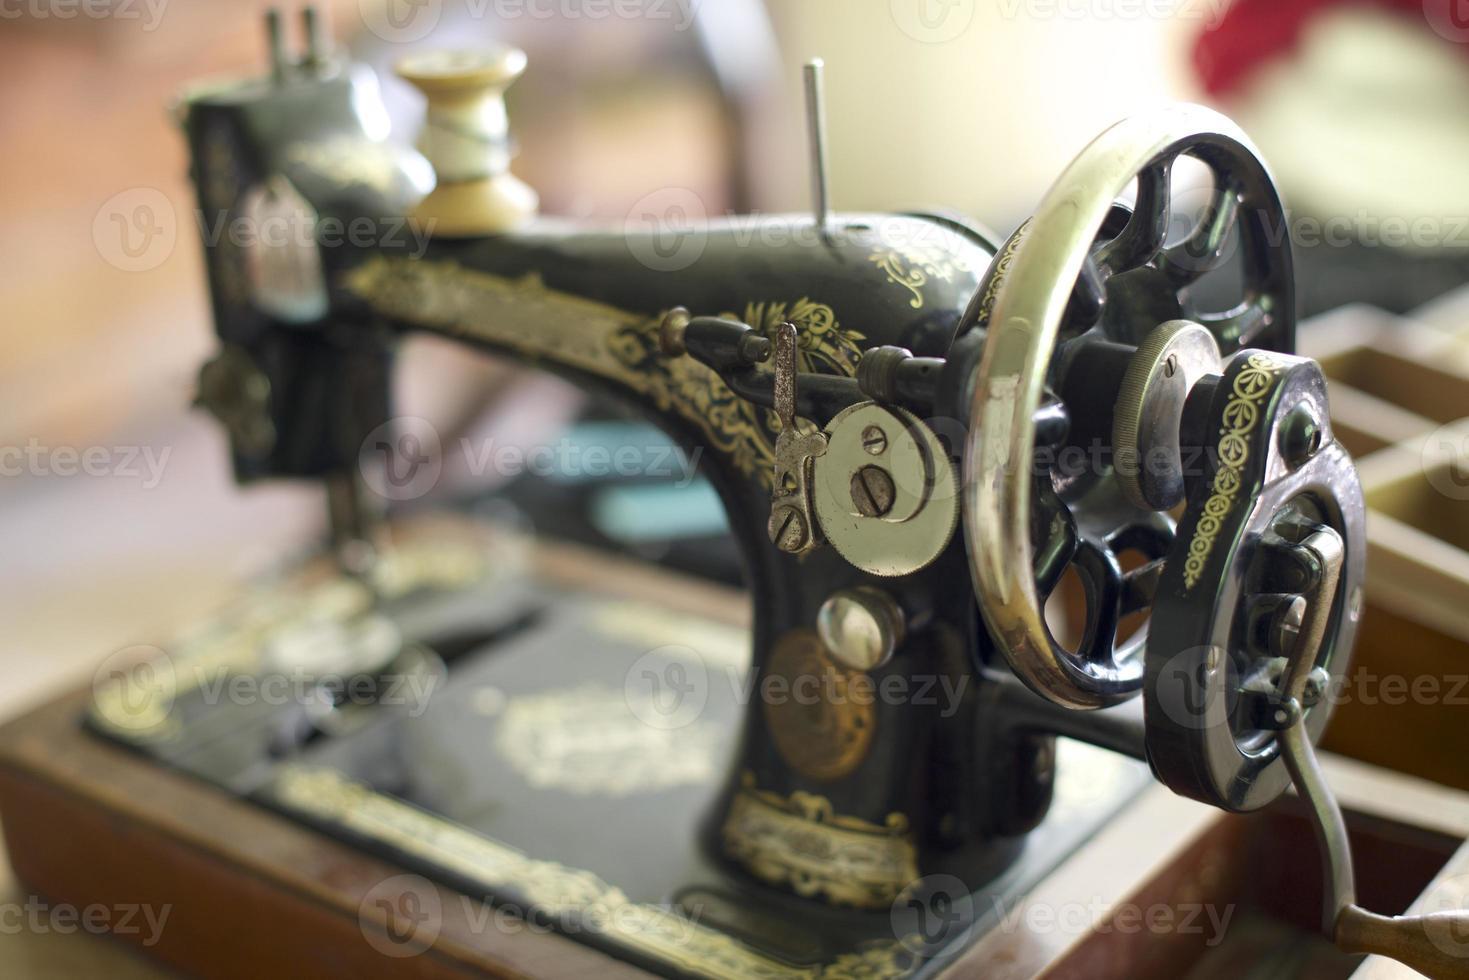 vieja máquina de coser foto